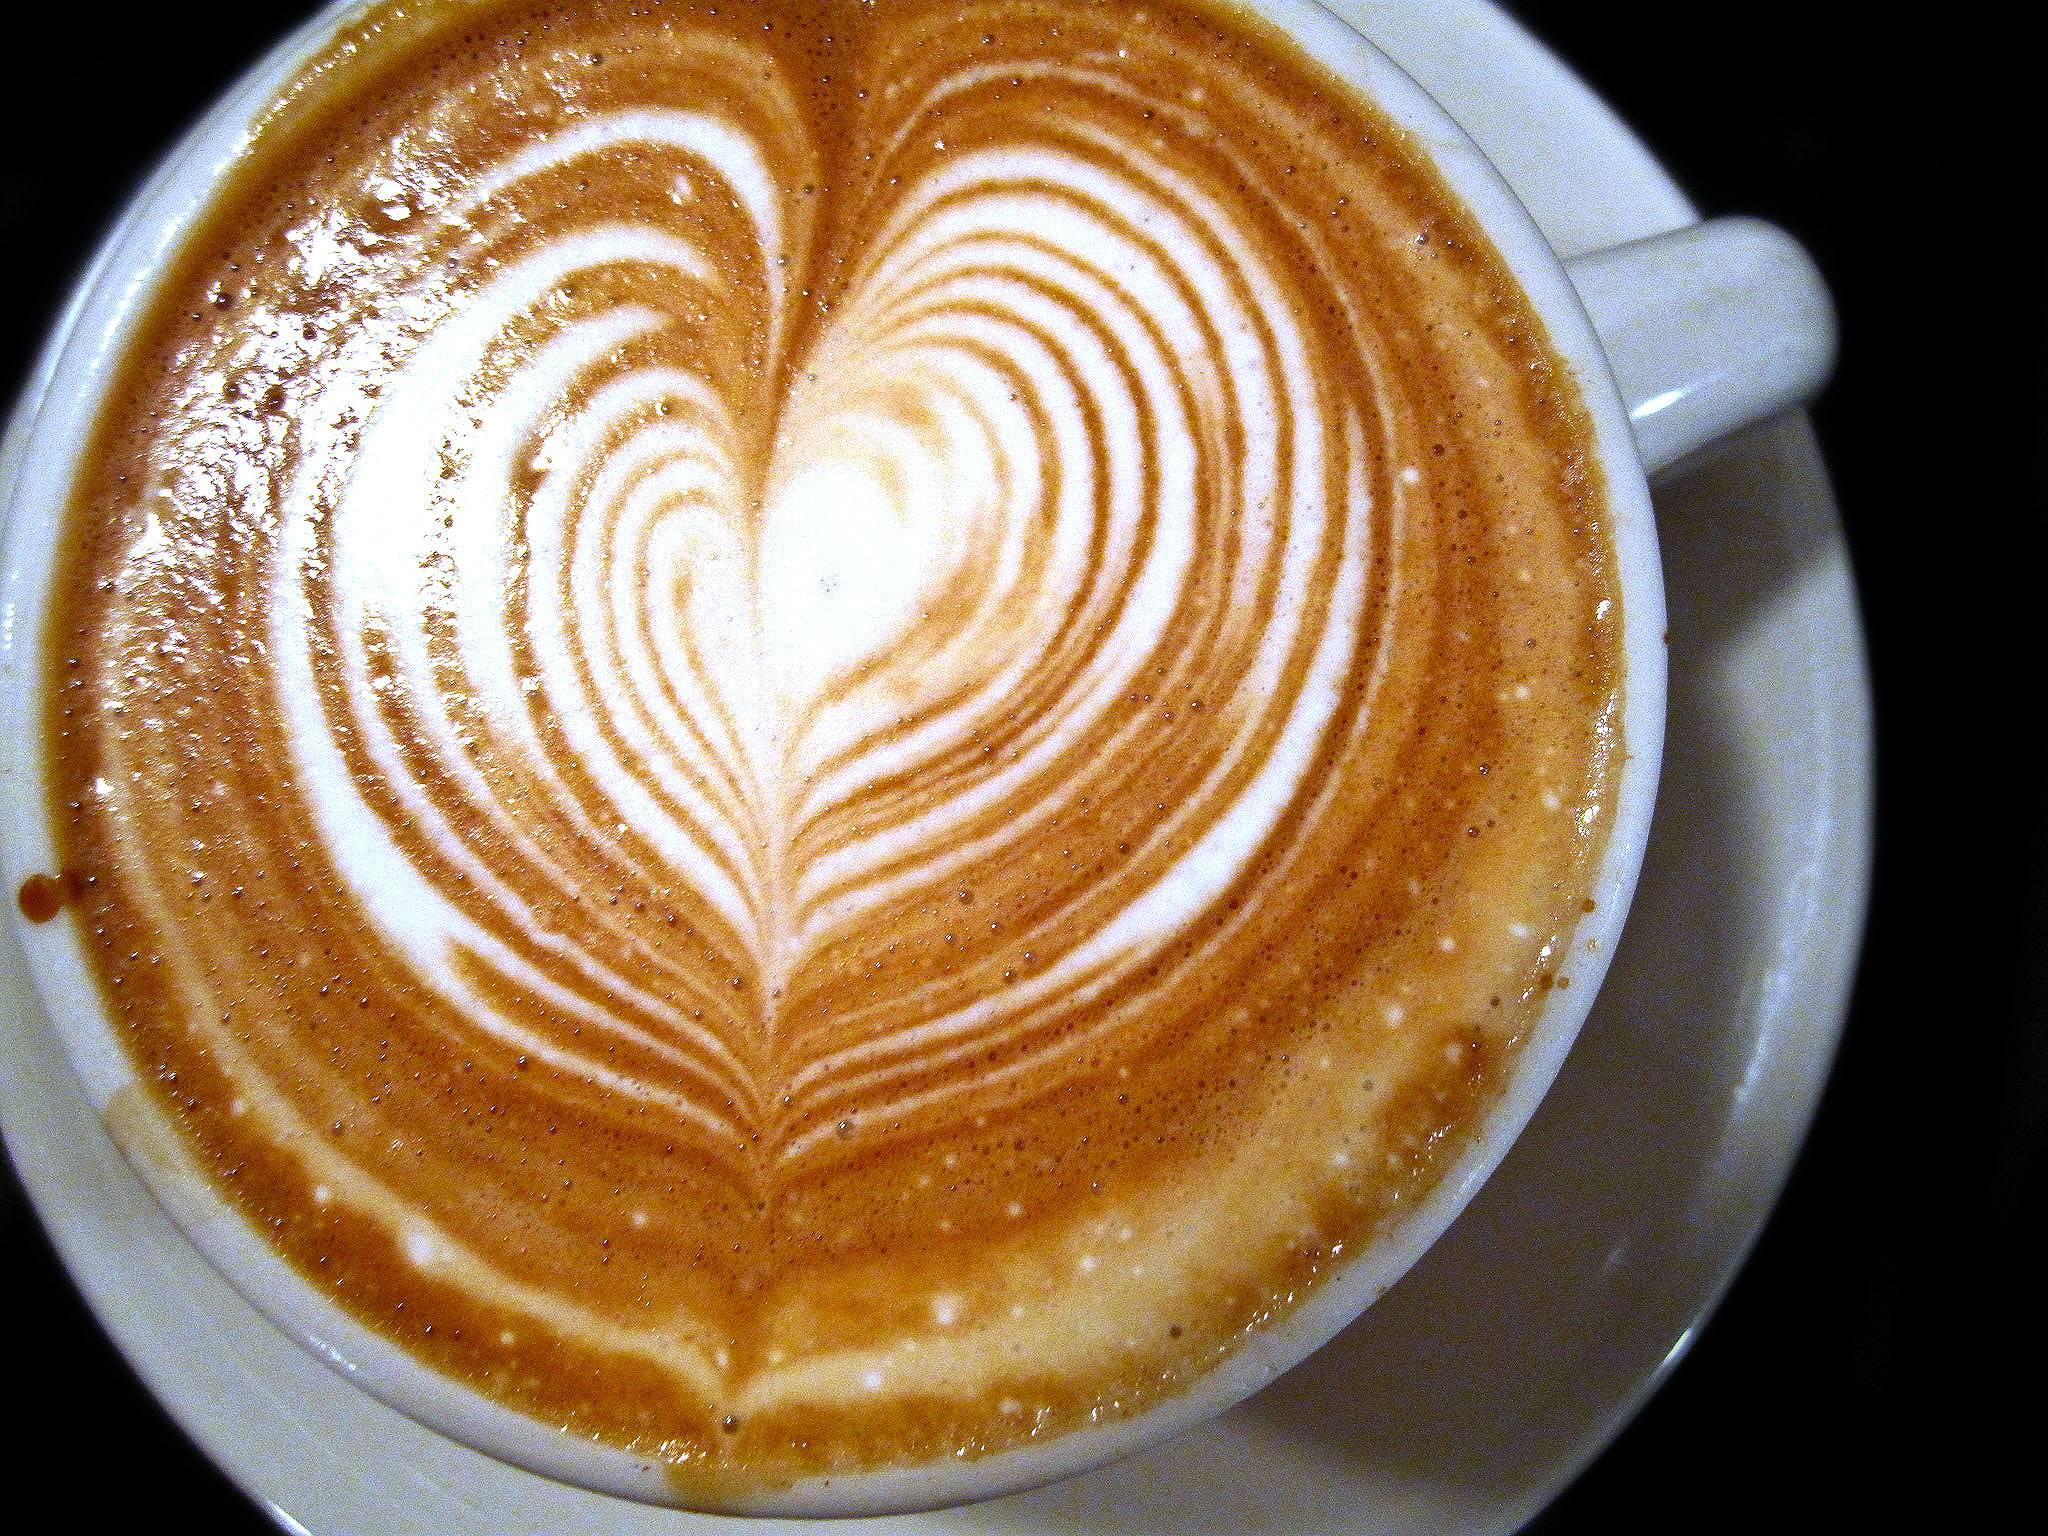 Как научиться красиво рисовать на кофе – искусство латте-арт